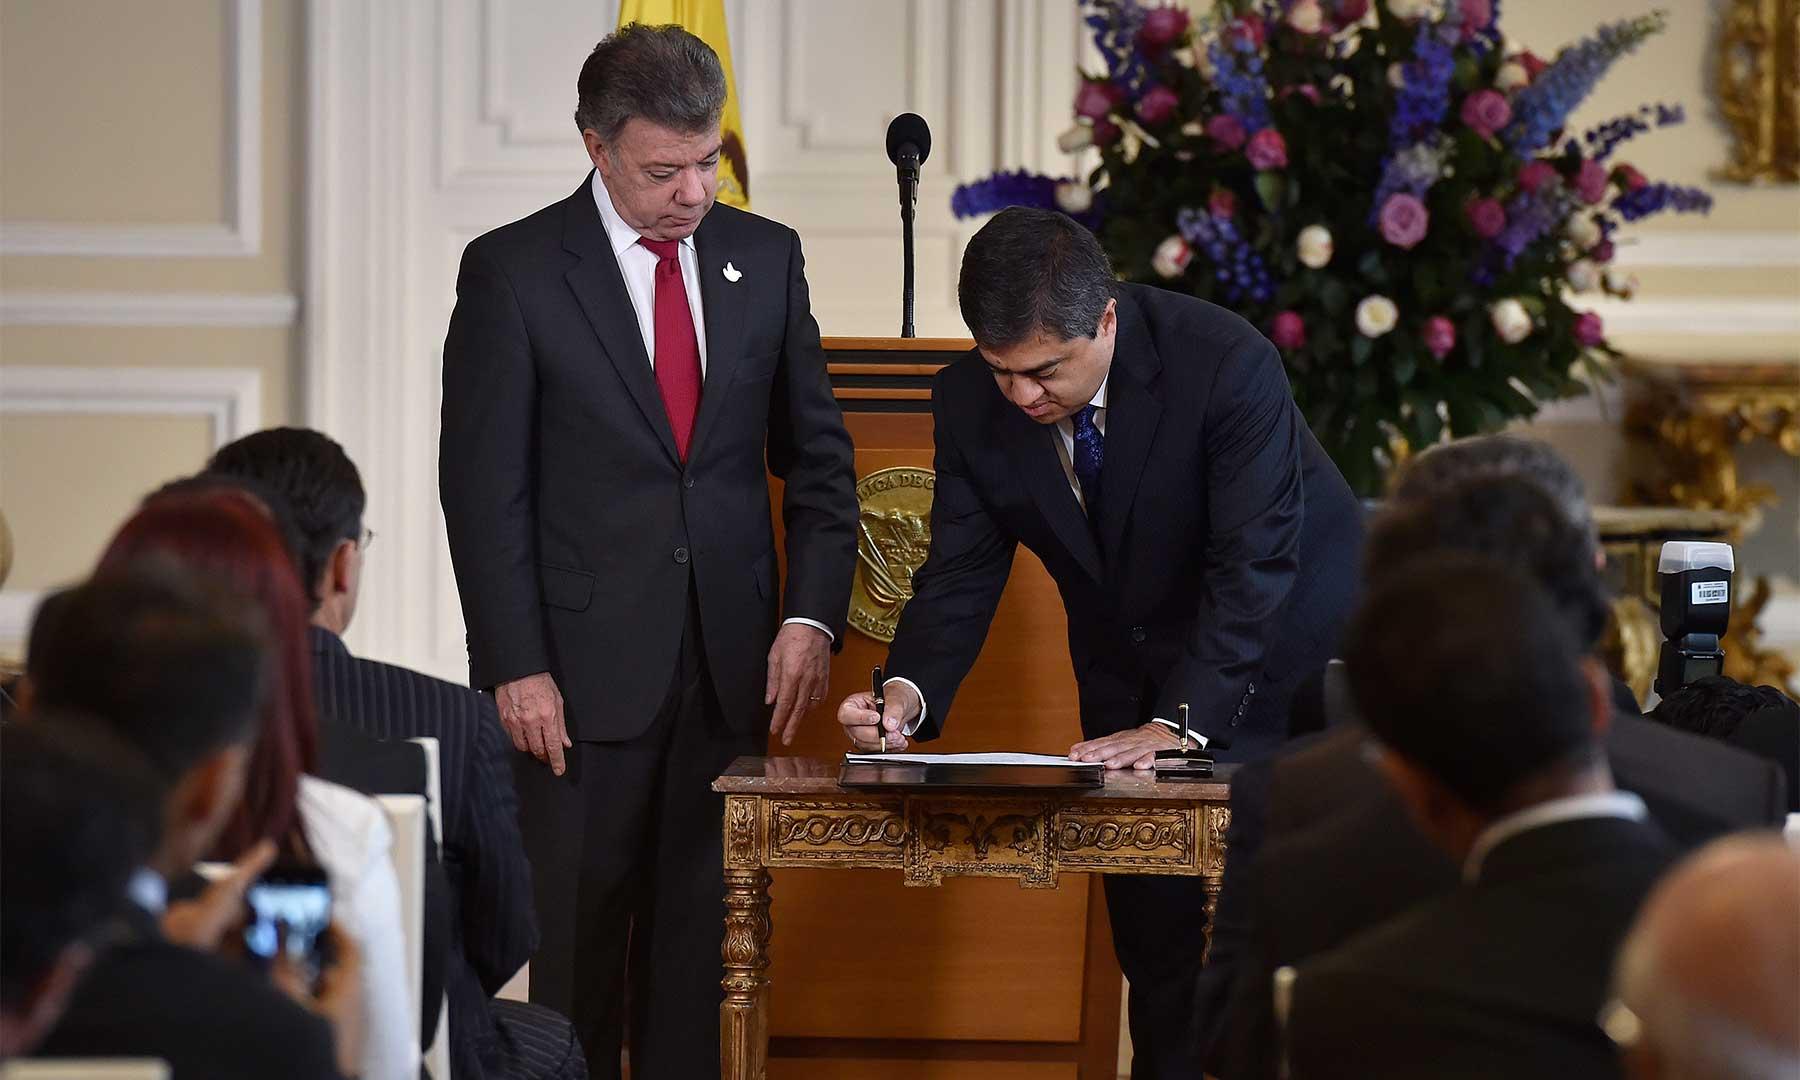 Ante el Presidente Santos se posesionó Óscar Darío Amaya Navas como nuevo magistrado de la Sala de Consulta y Servicio Civil del Consejo de Estado.